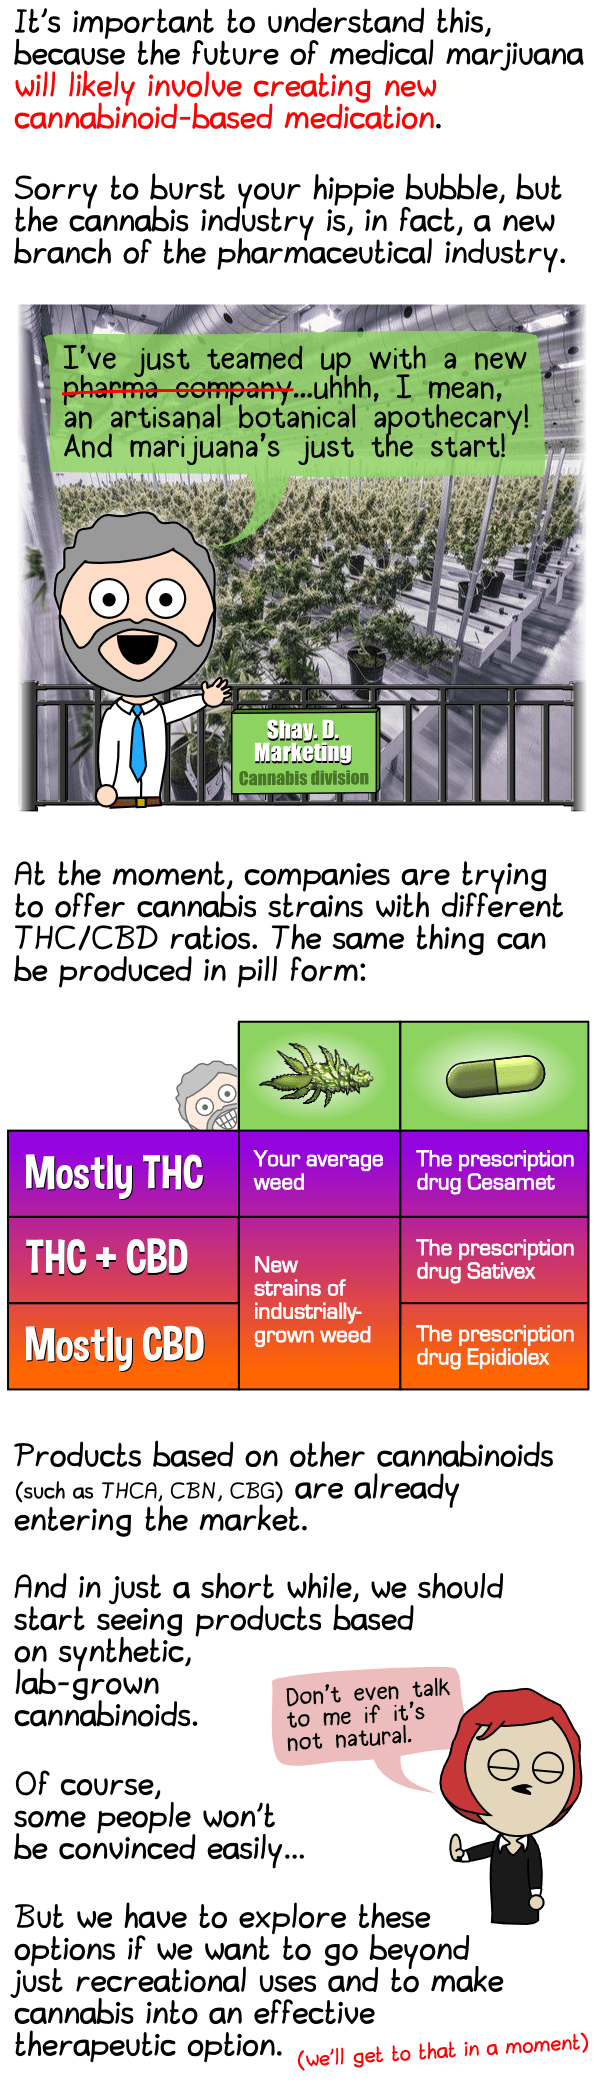 THC CBD prescription strains